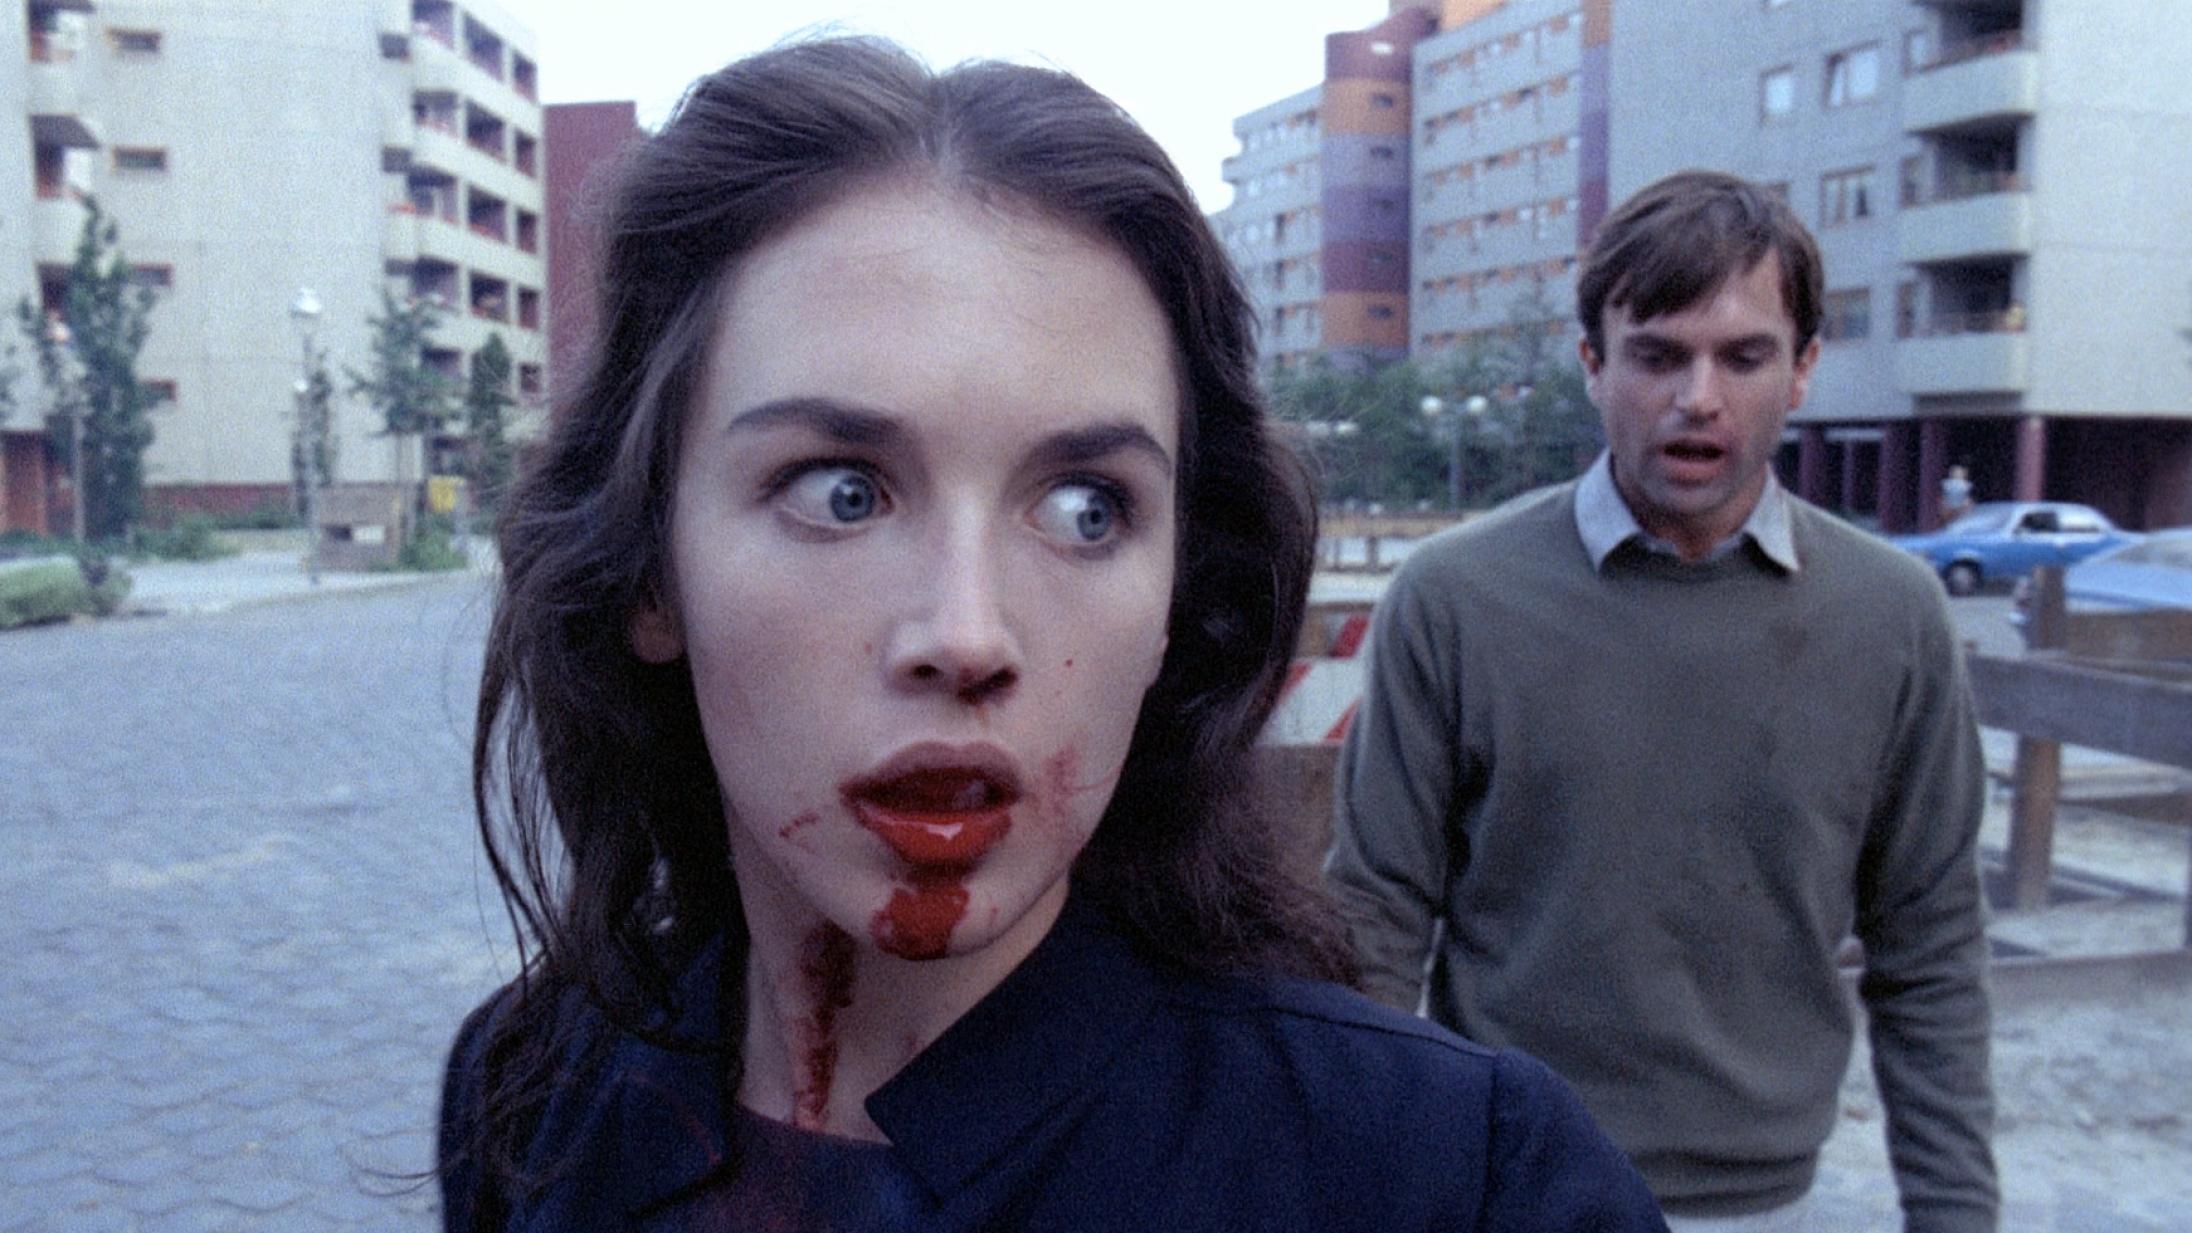 Gyserfilmen 'Possession' giver den frygtelige kvinde oprejsning og blækspruttesex